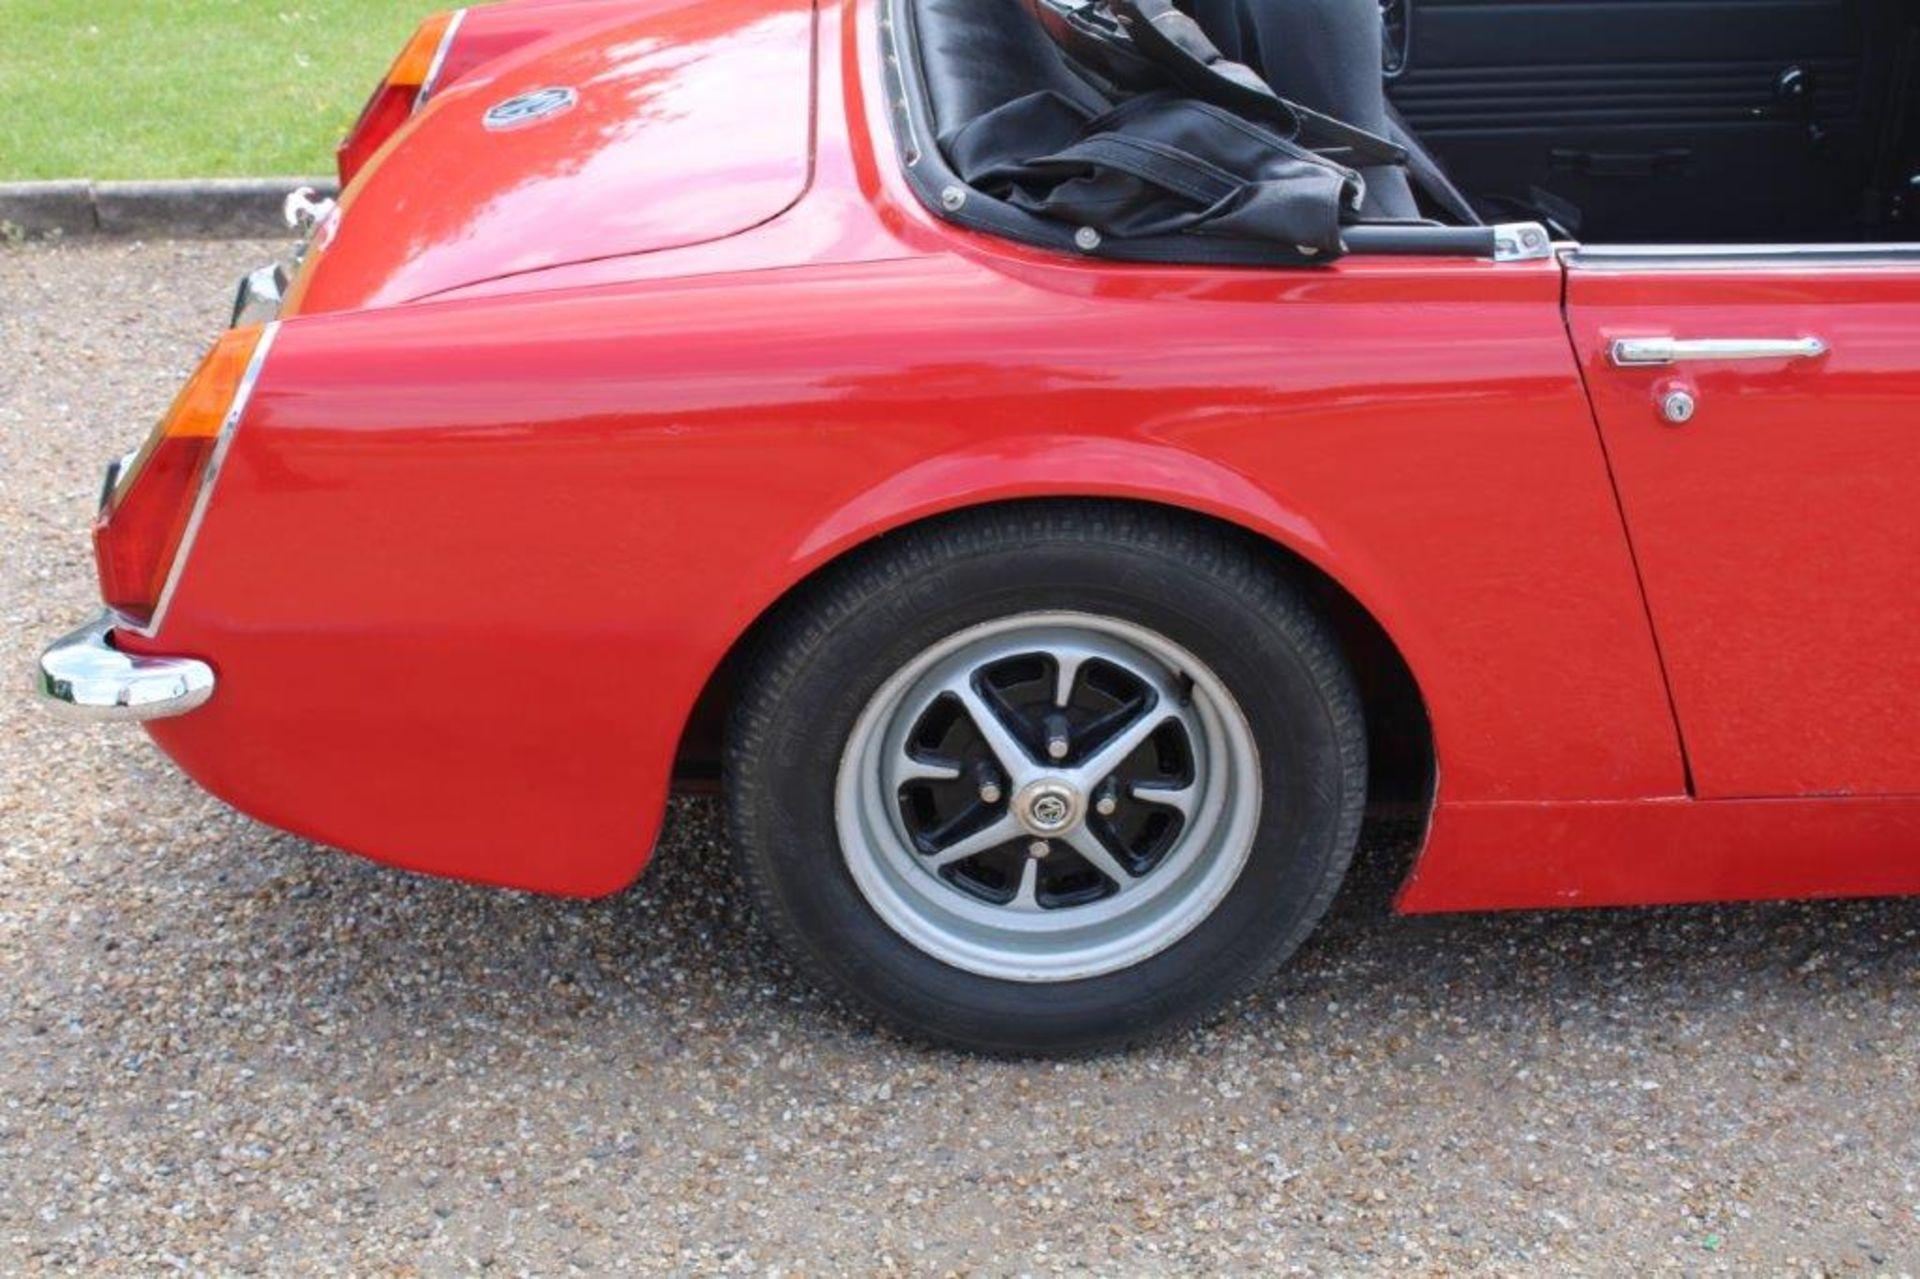 1973 MG Midget MK III - Image 9 of 25